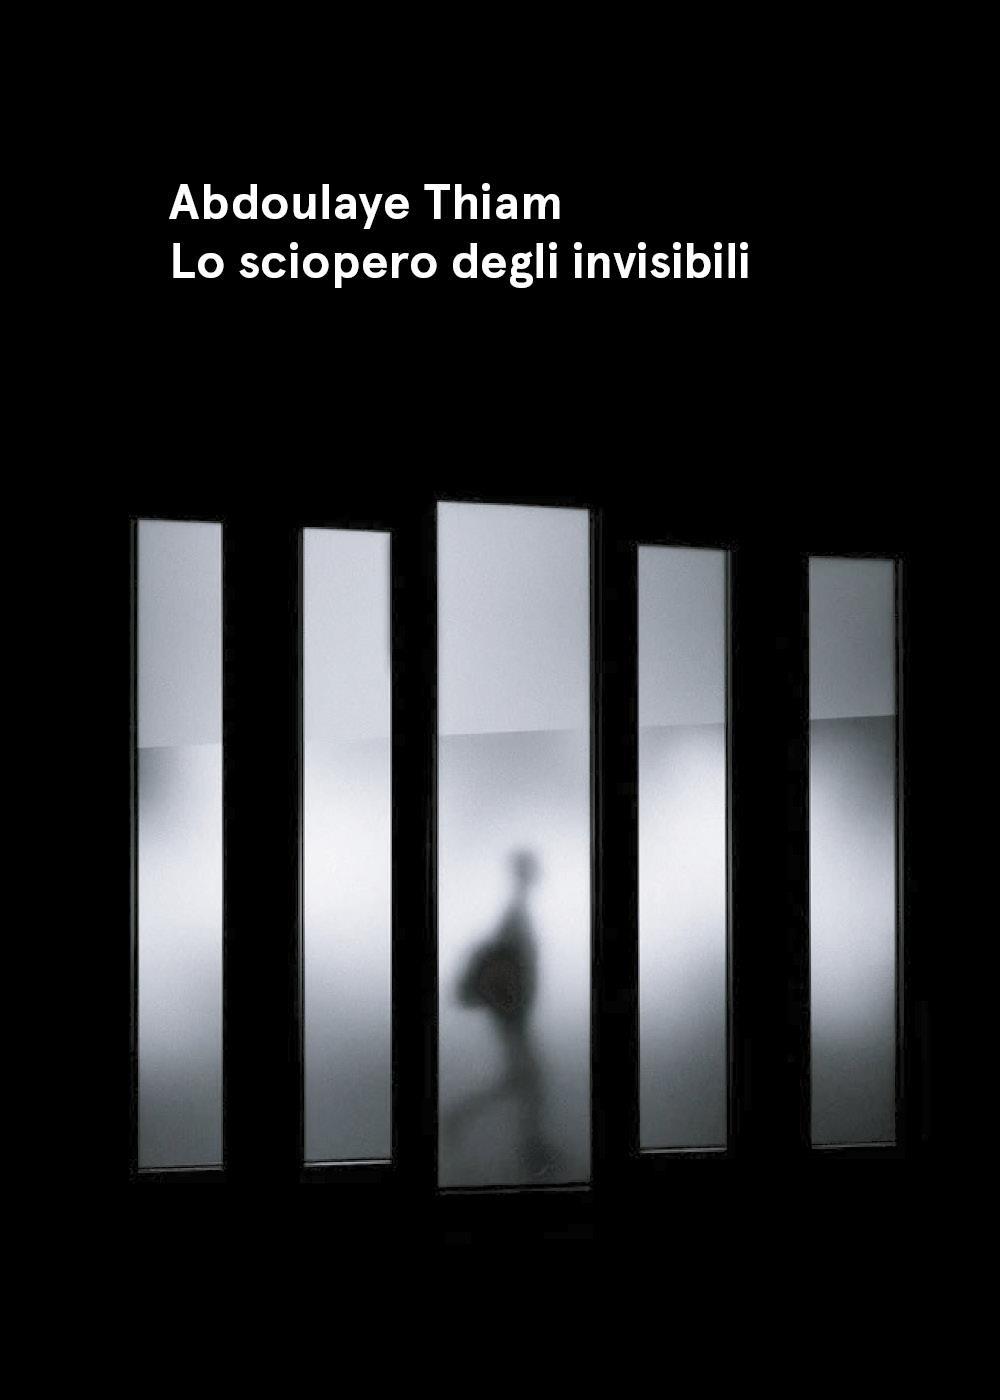 Lo sciopero degli invisibili